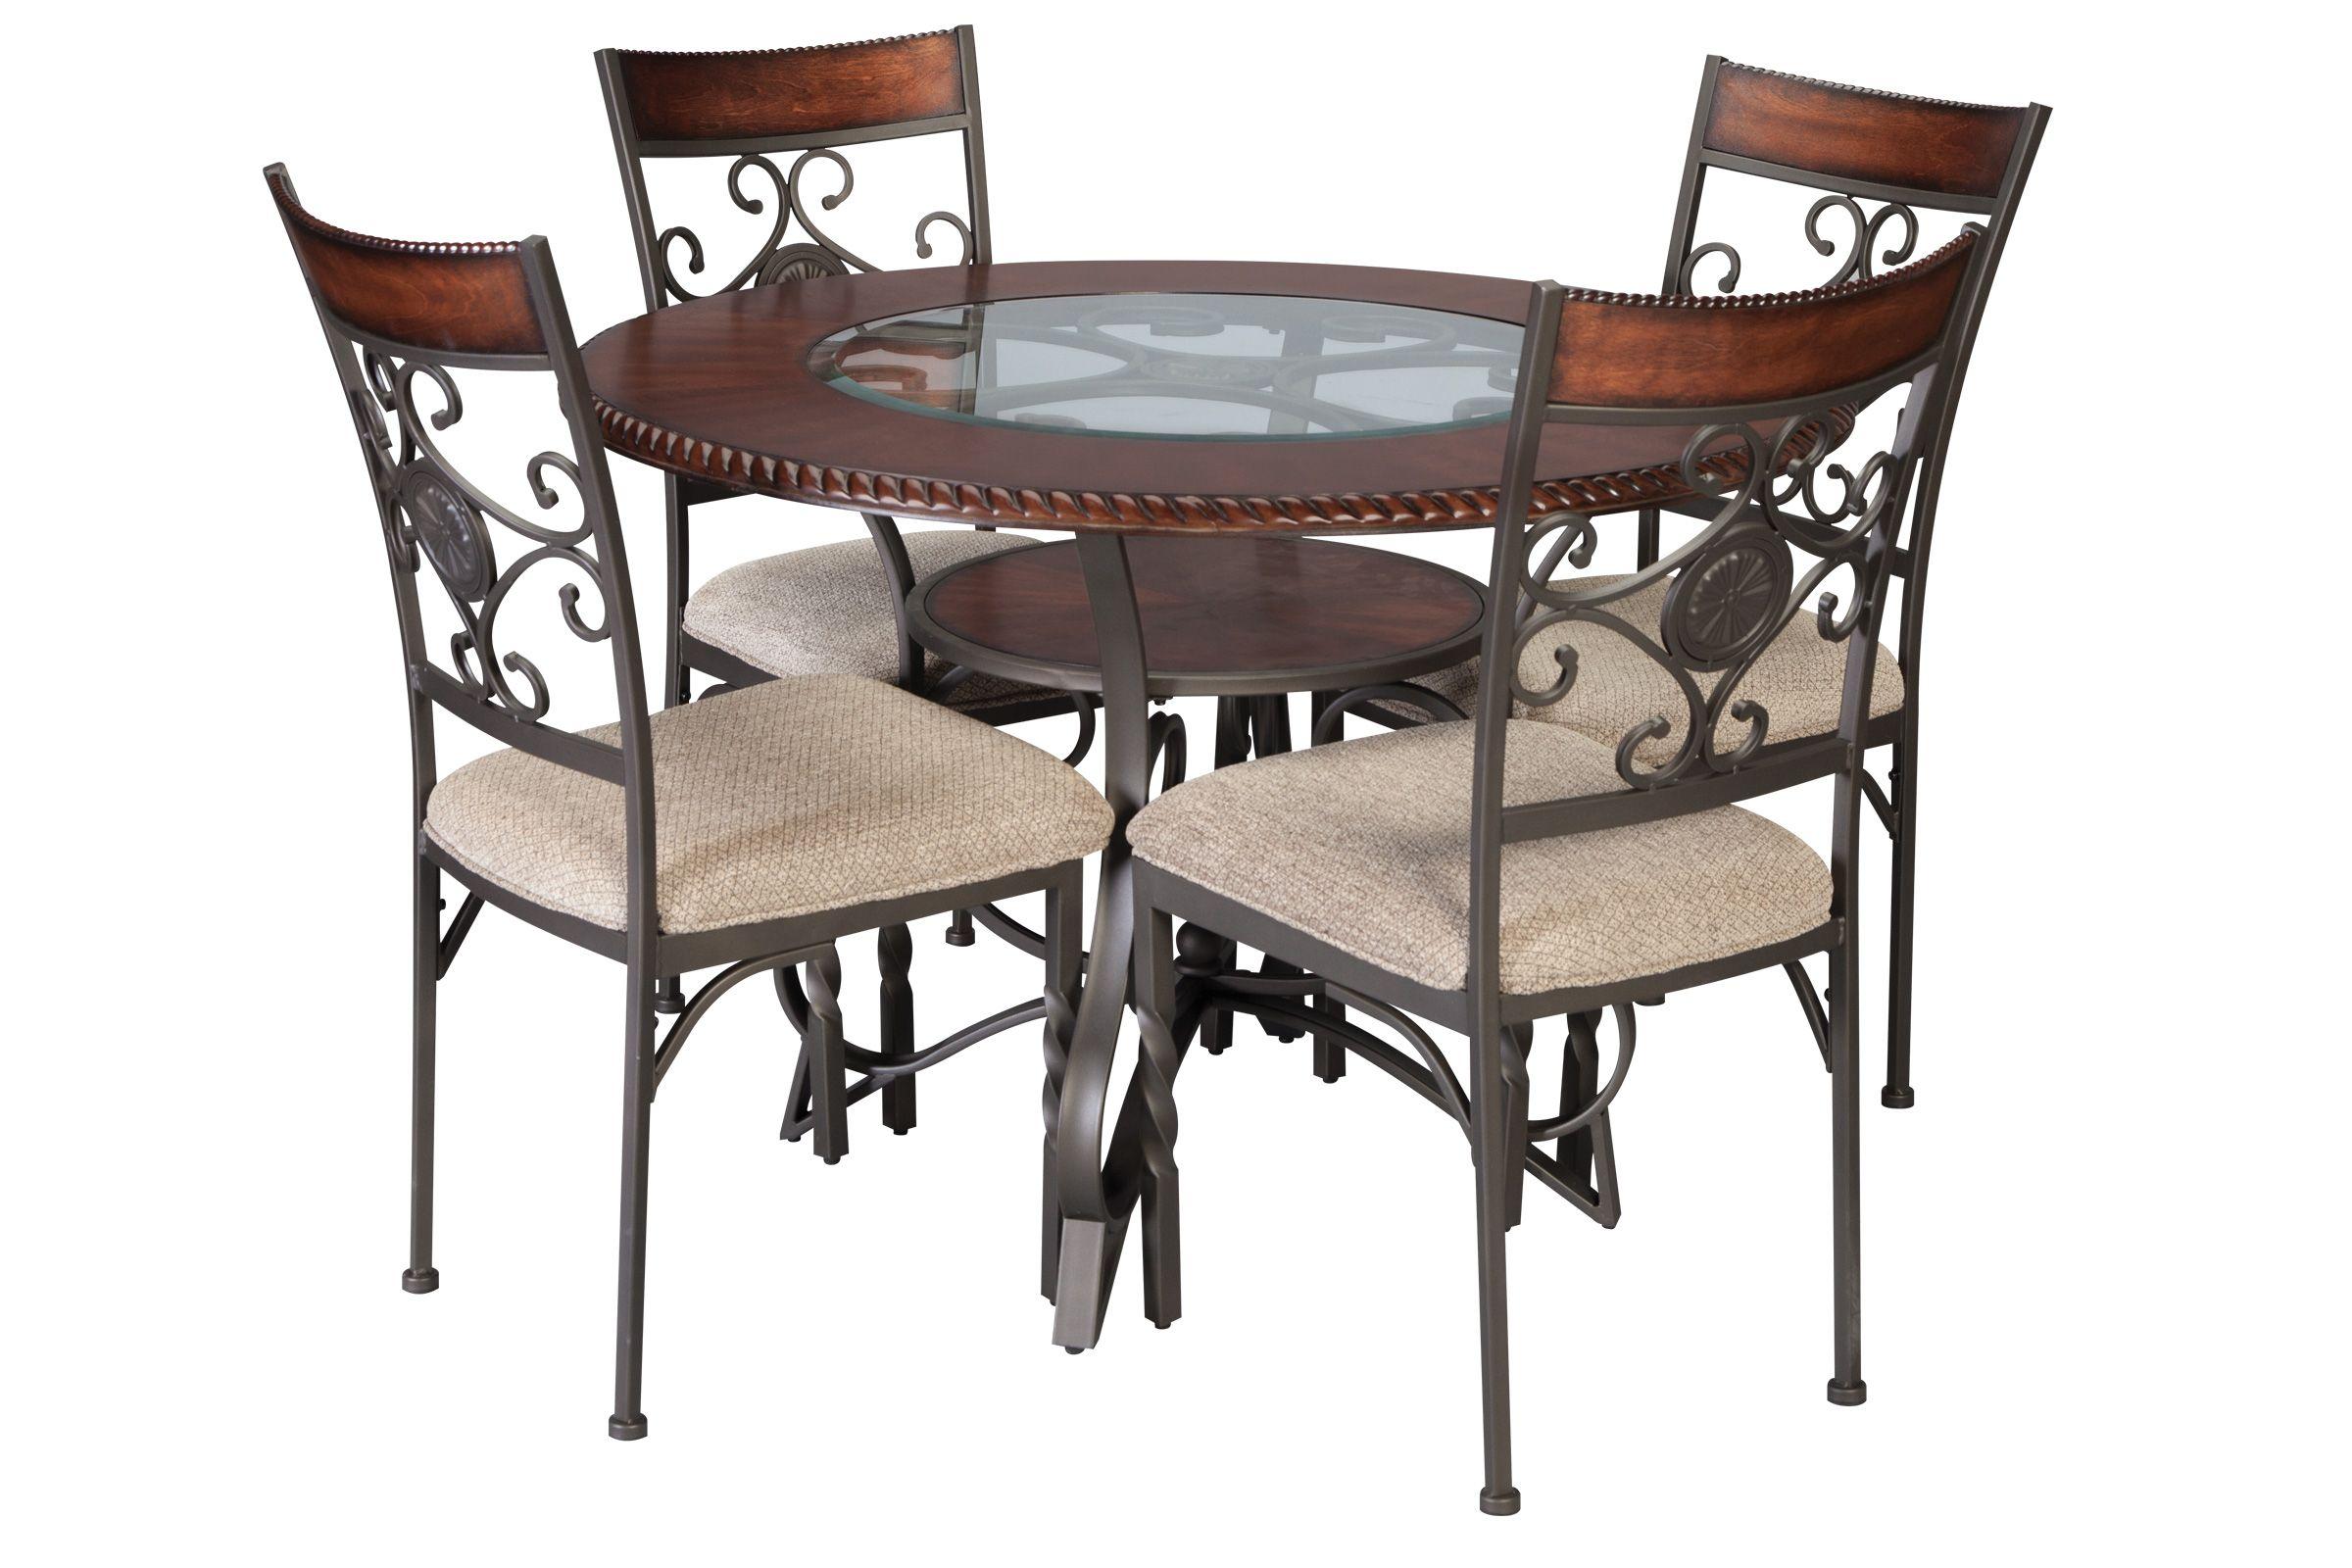 Shop Dining Room Furniture at Gardner-White Furniture